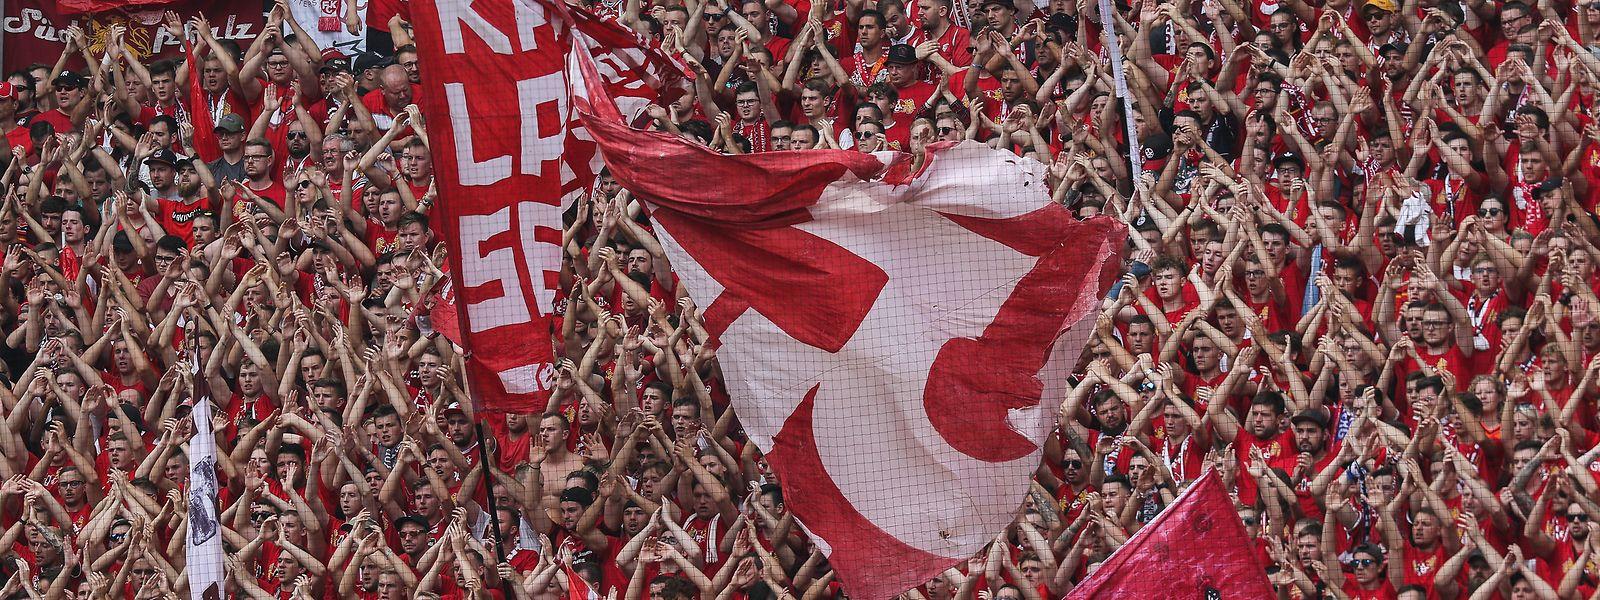 Die FCK-Fans können aufatmen: Ihr Club geht auf dem Weg zu finanziellen Rettung einen wichtigen Schritt.